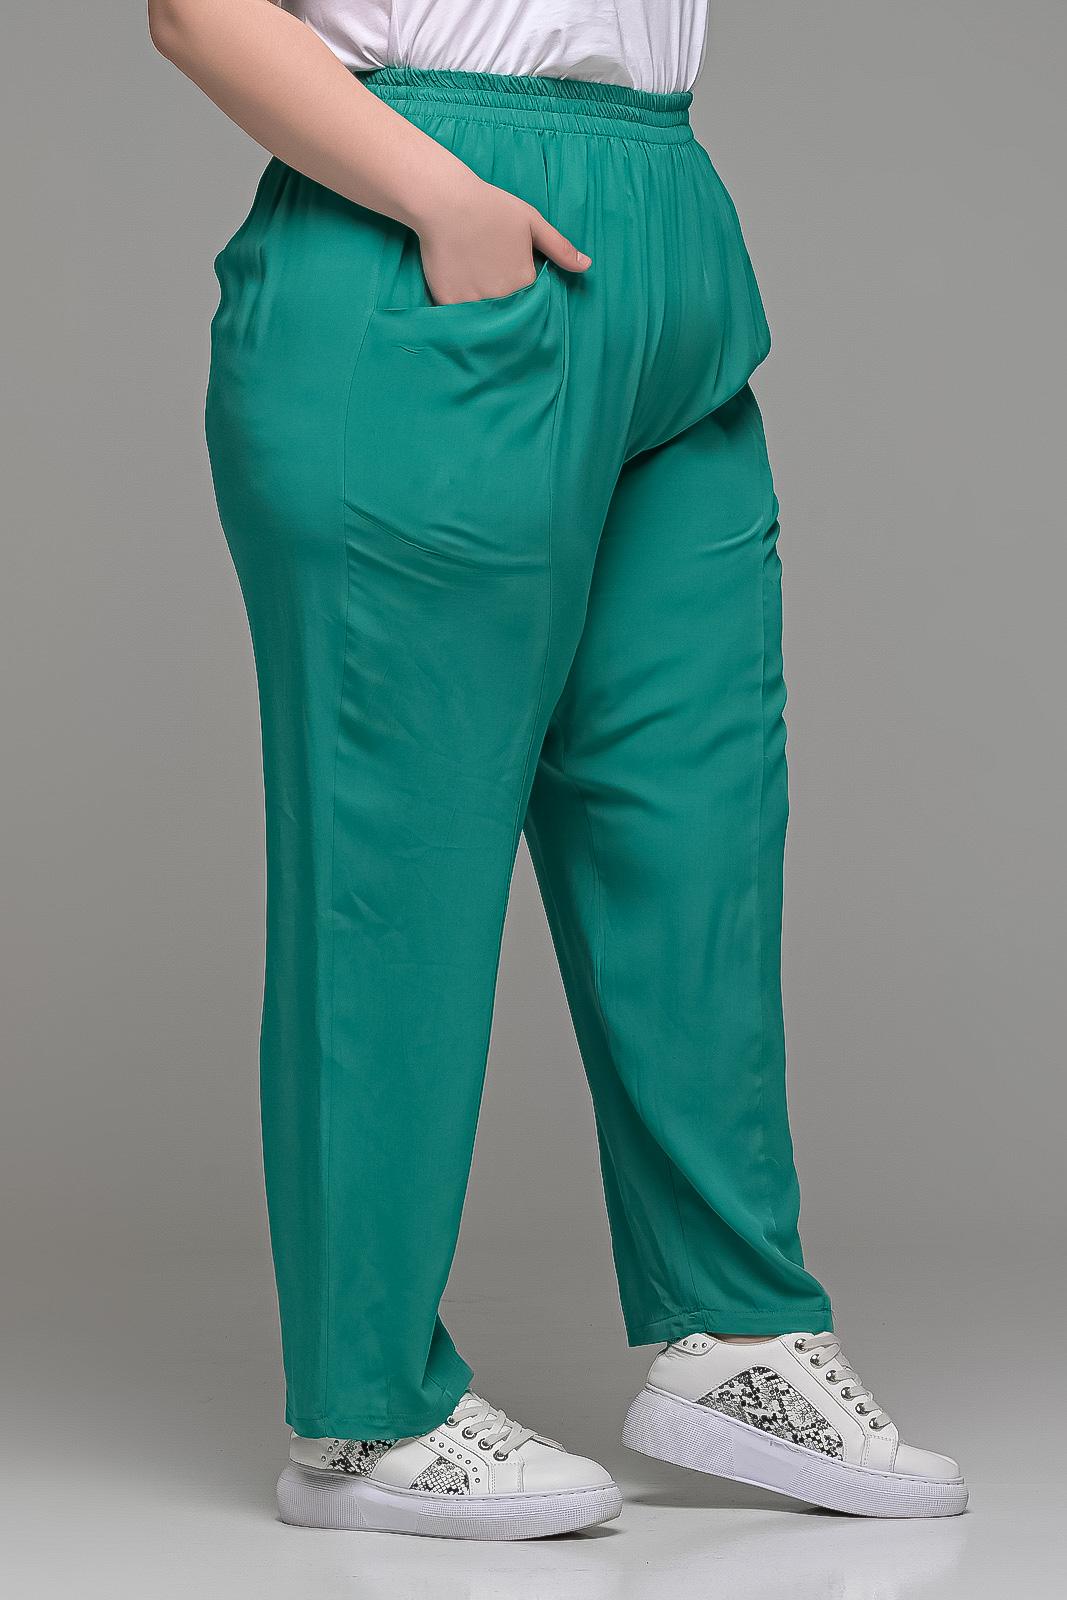 Παντελόνι ανάλαφρο βιέλα βεραμάν με τσέπες και λάστιχο στη μέση